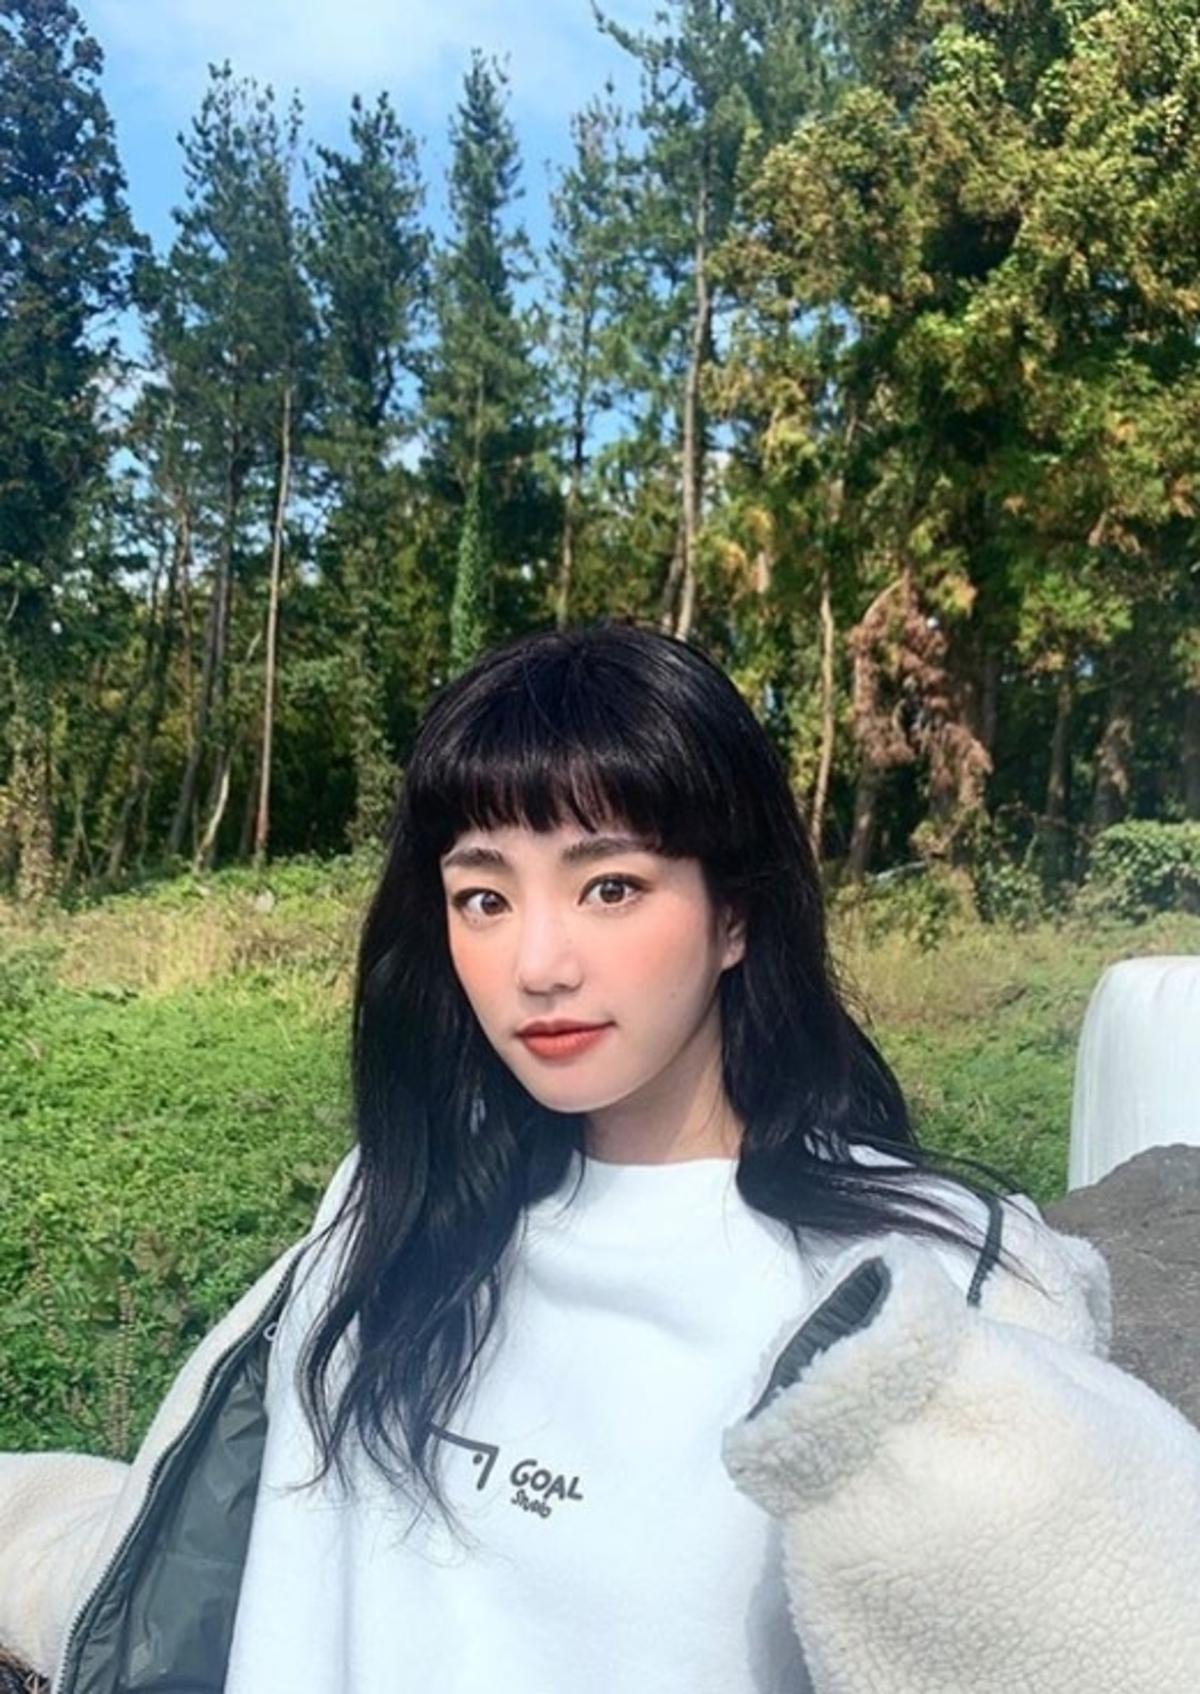 李侑菲INS公开近况照 变身可爱小姐姐!